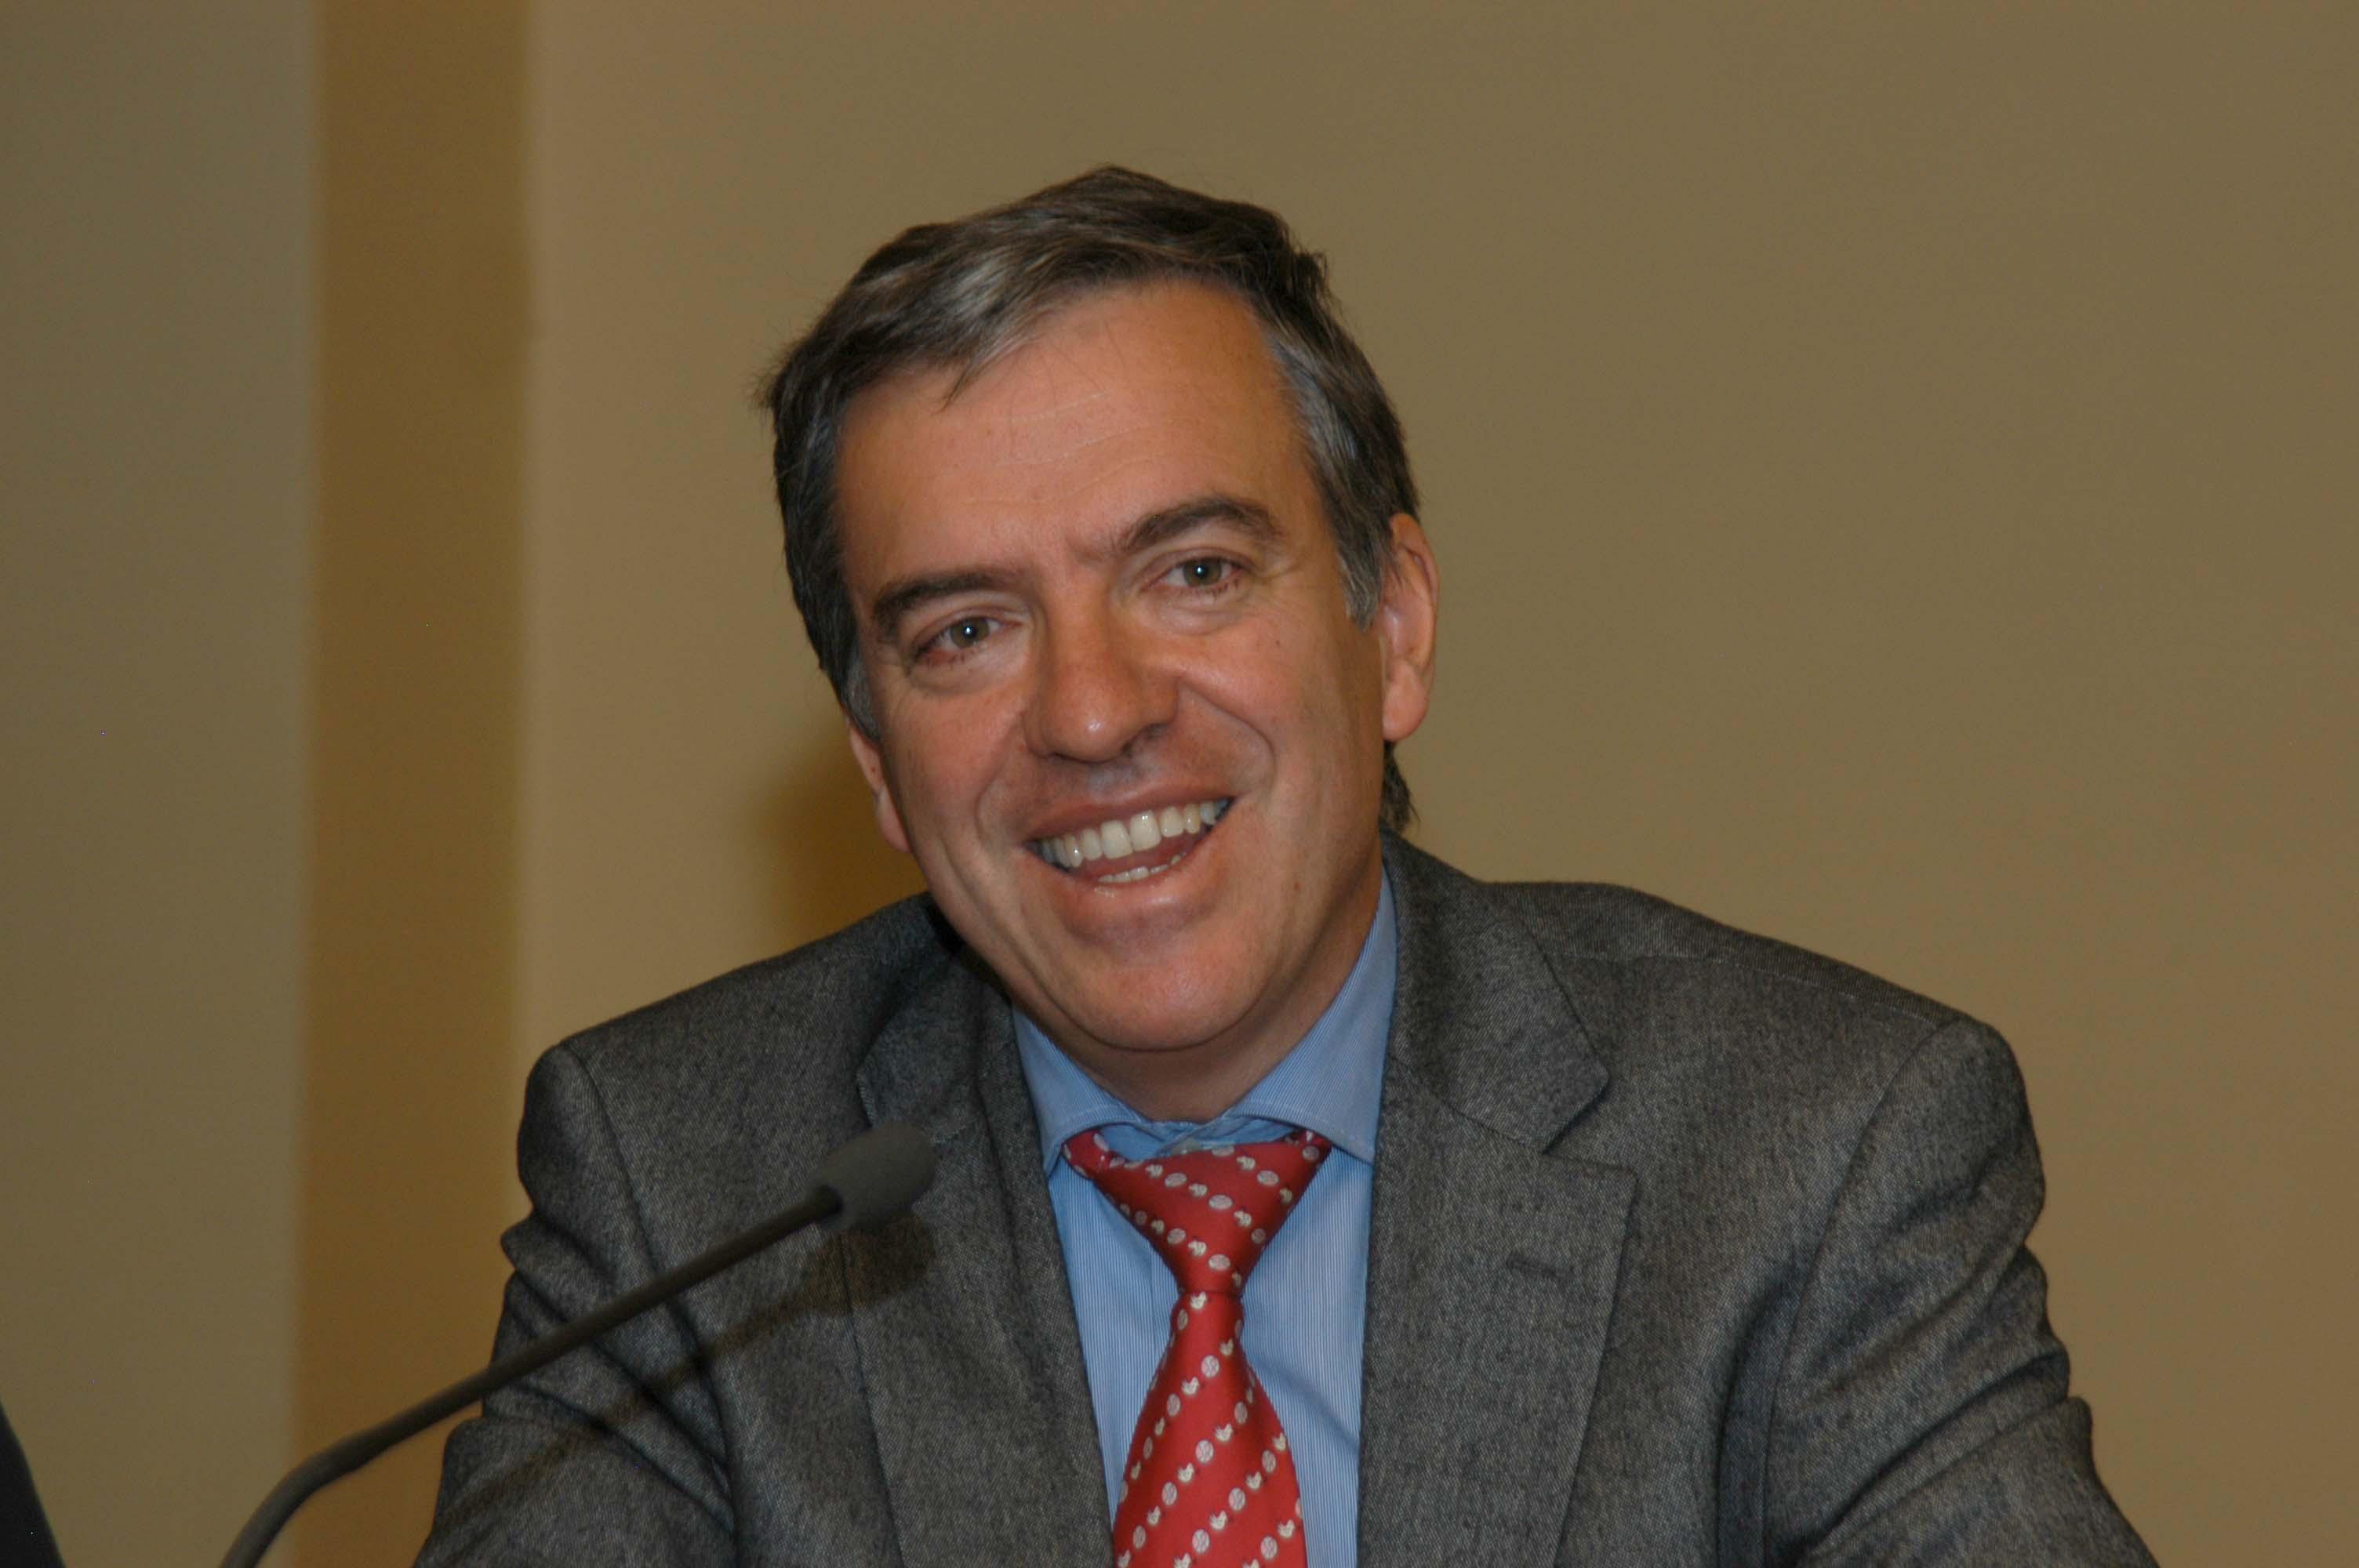 Donoso reelegido Presidente de AEE por unanimidad de la Junta Directiva